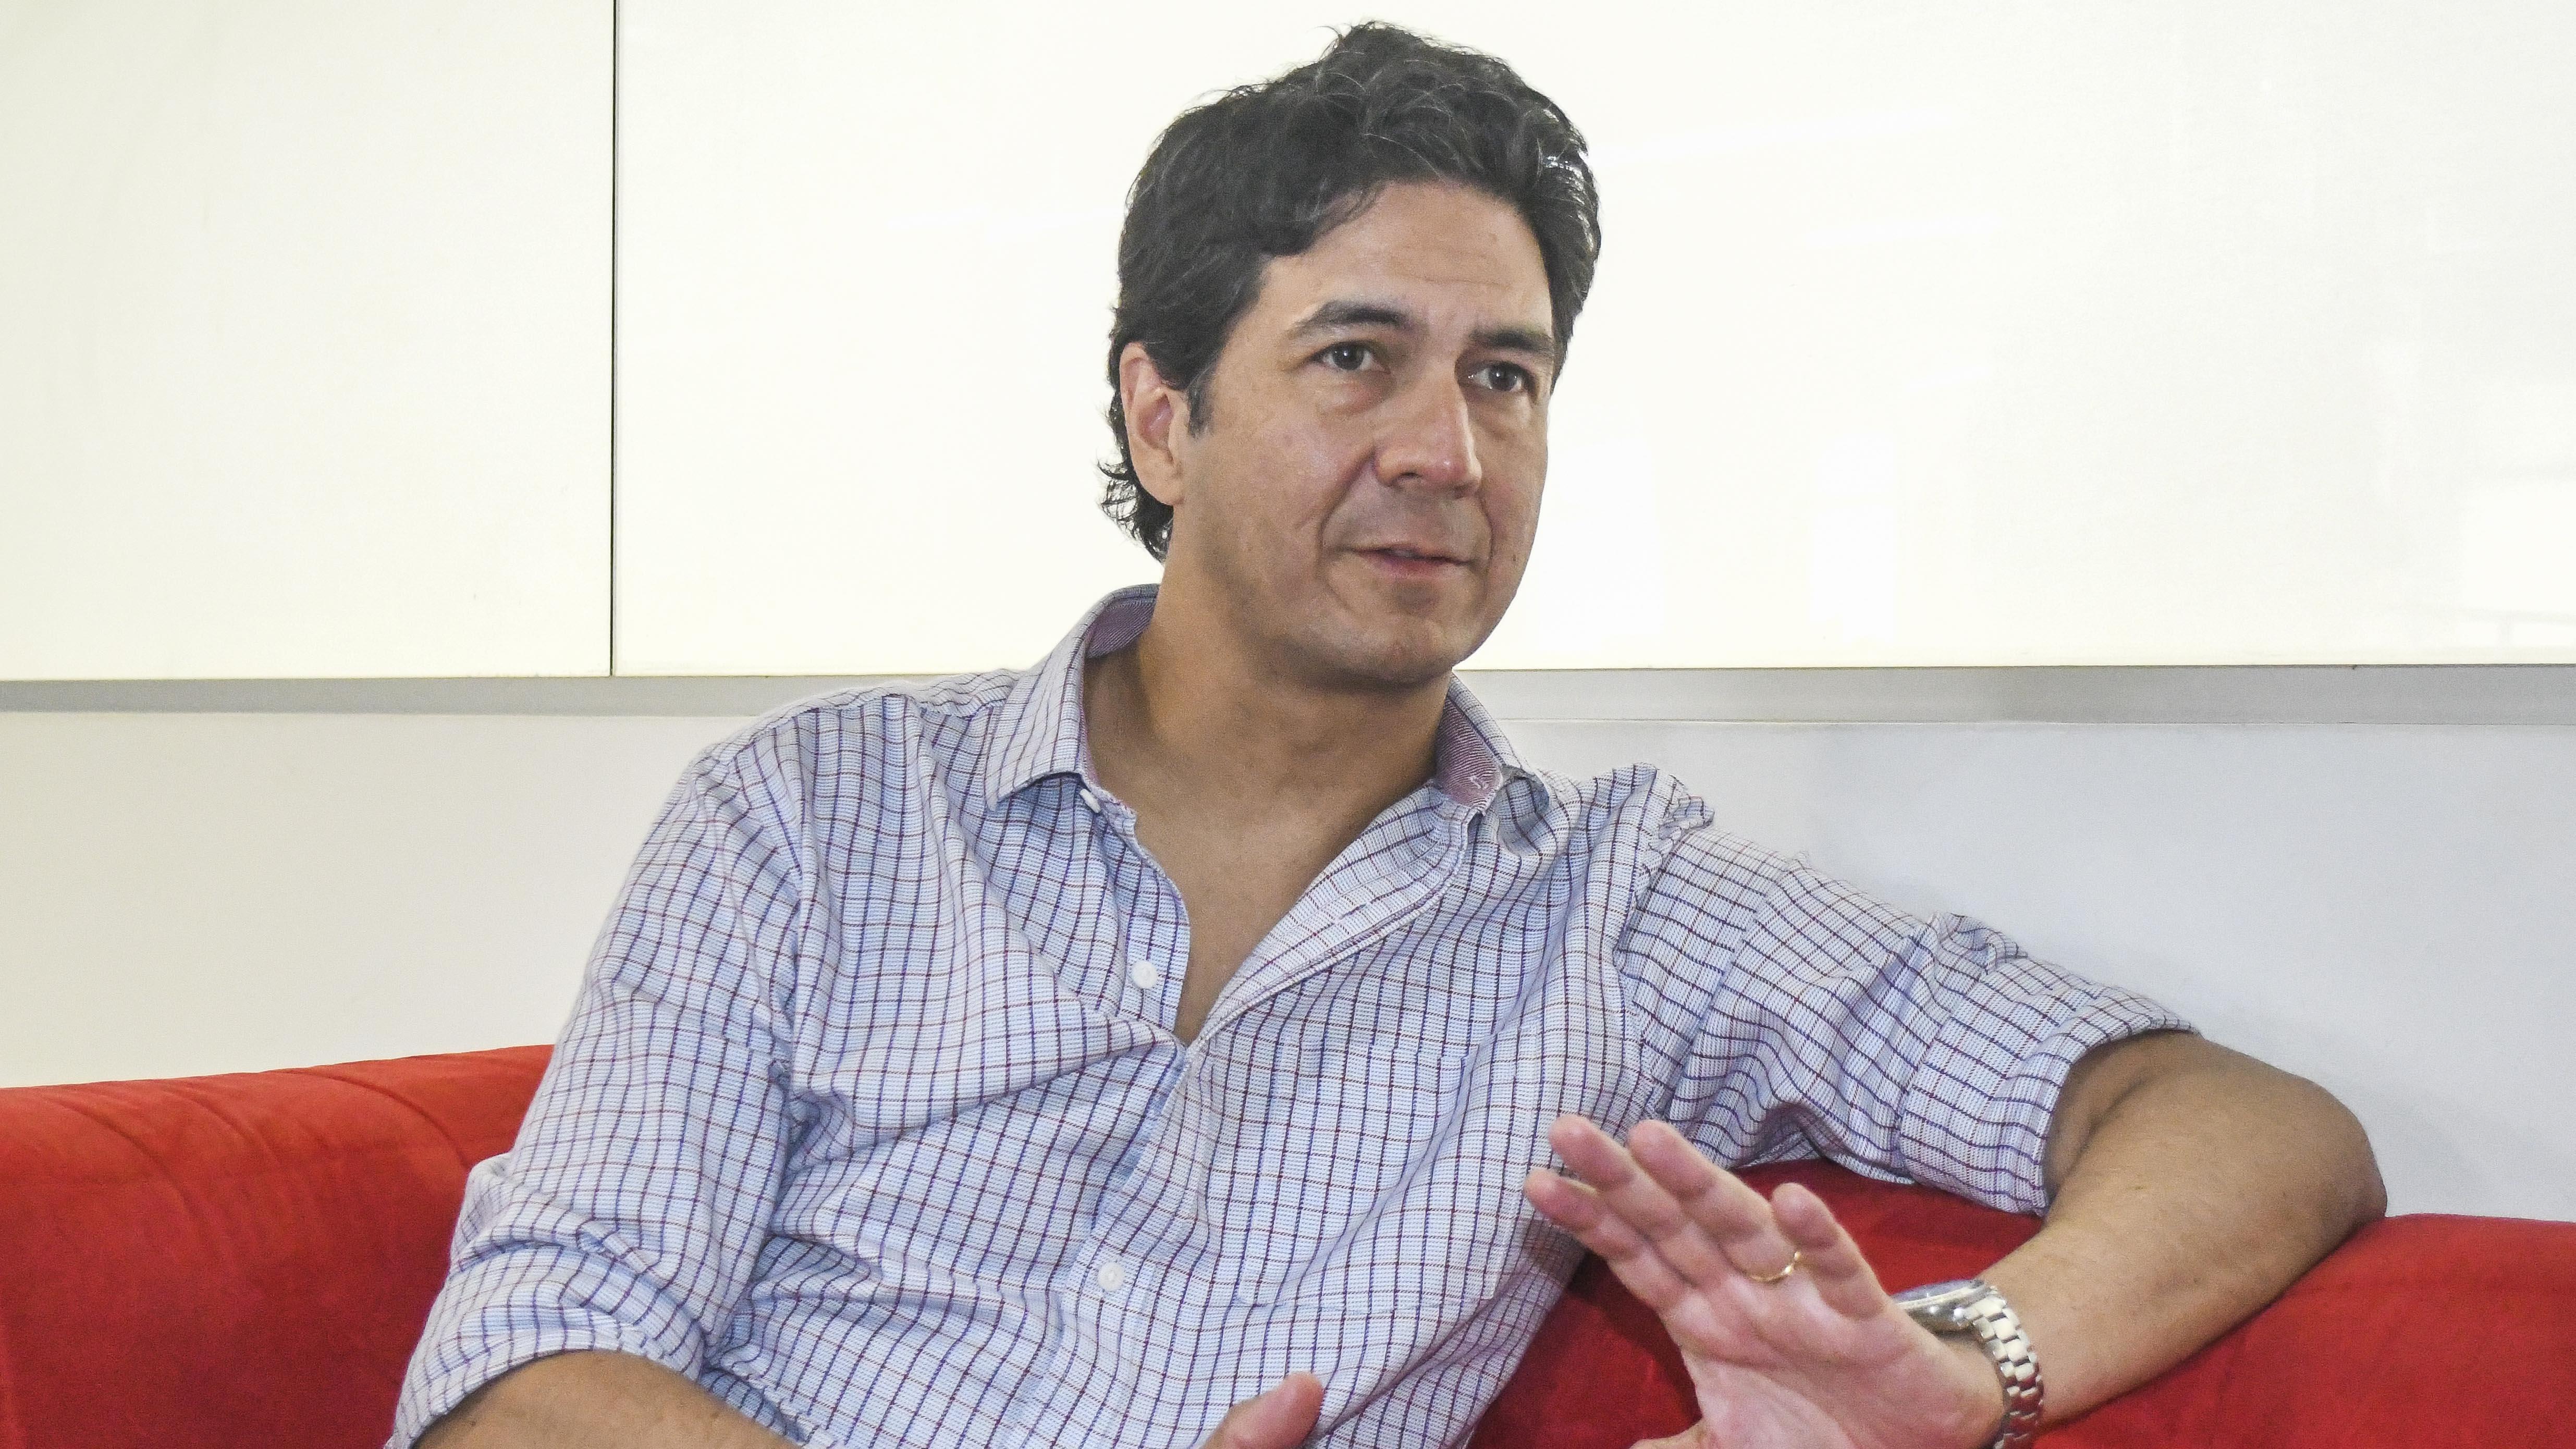 Bancóldex colocó $5.807 millones en economía creativa | El Heraldo